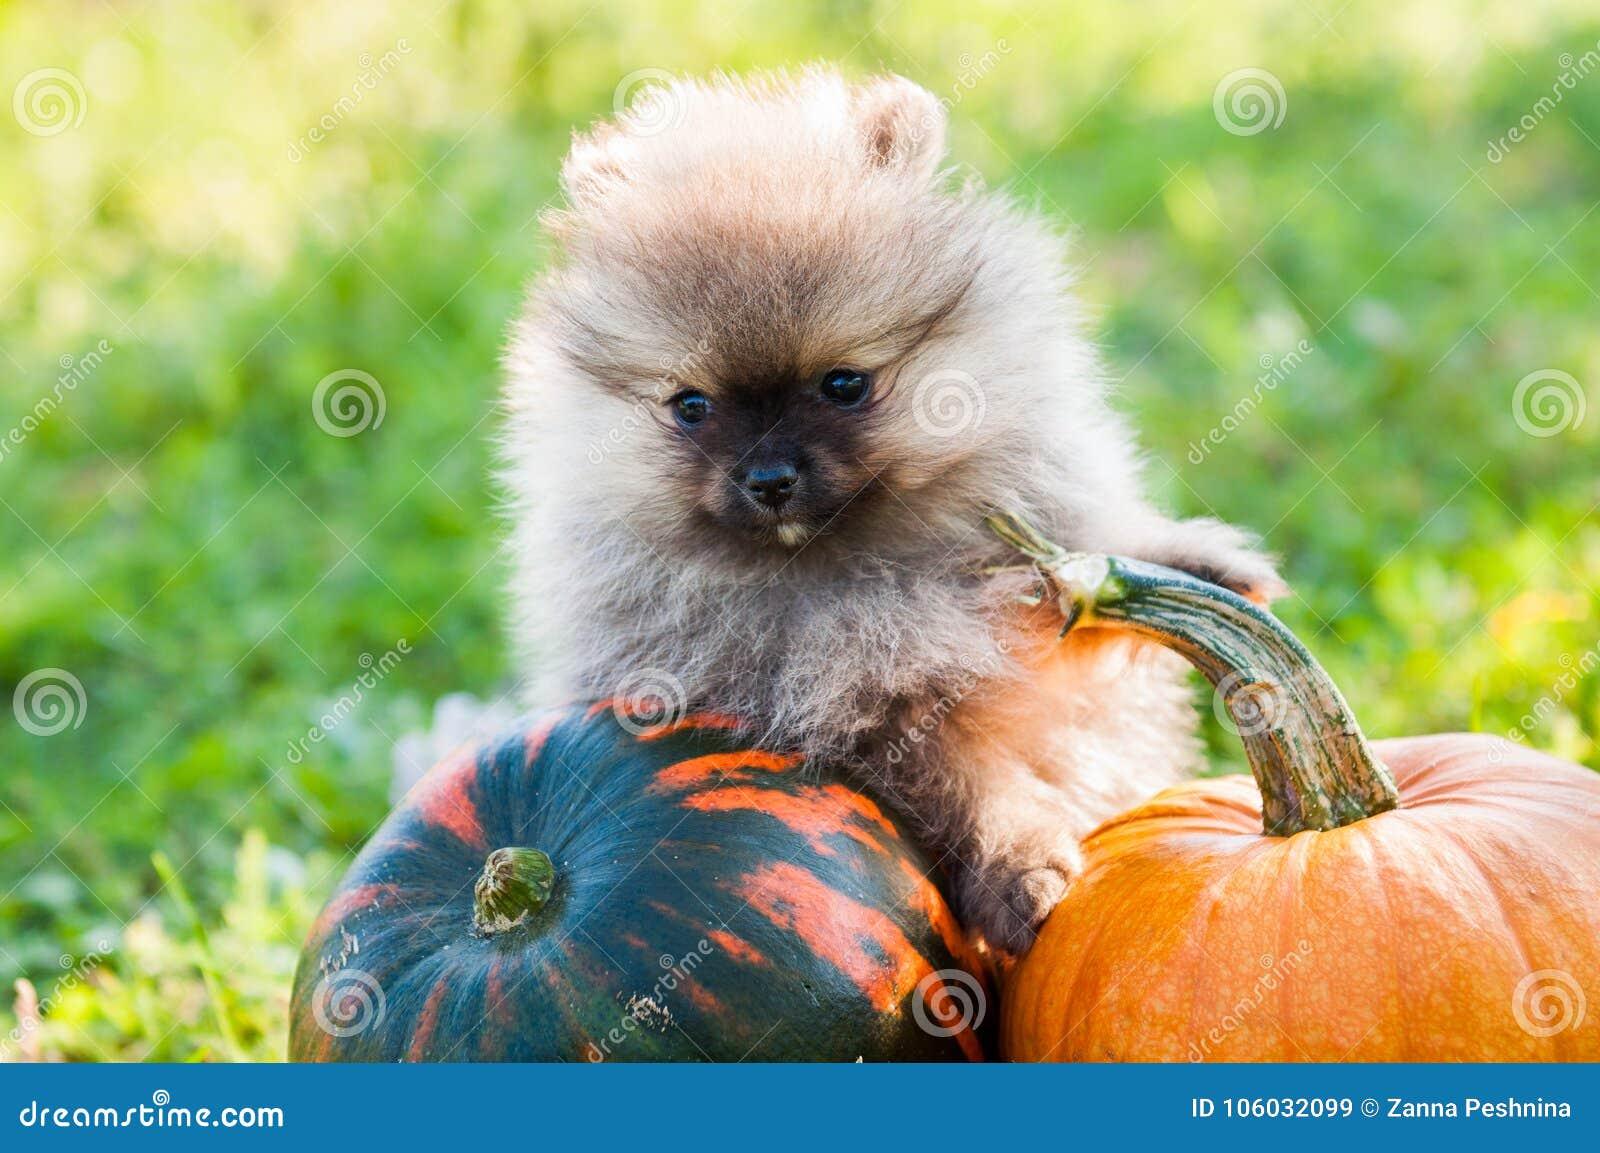 pomeranian dog and pumpkin, halloween stock image - image of curious